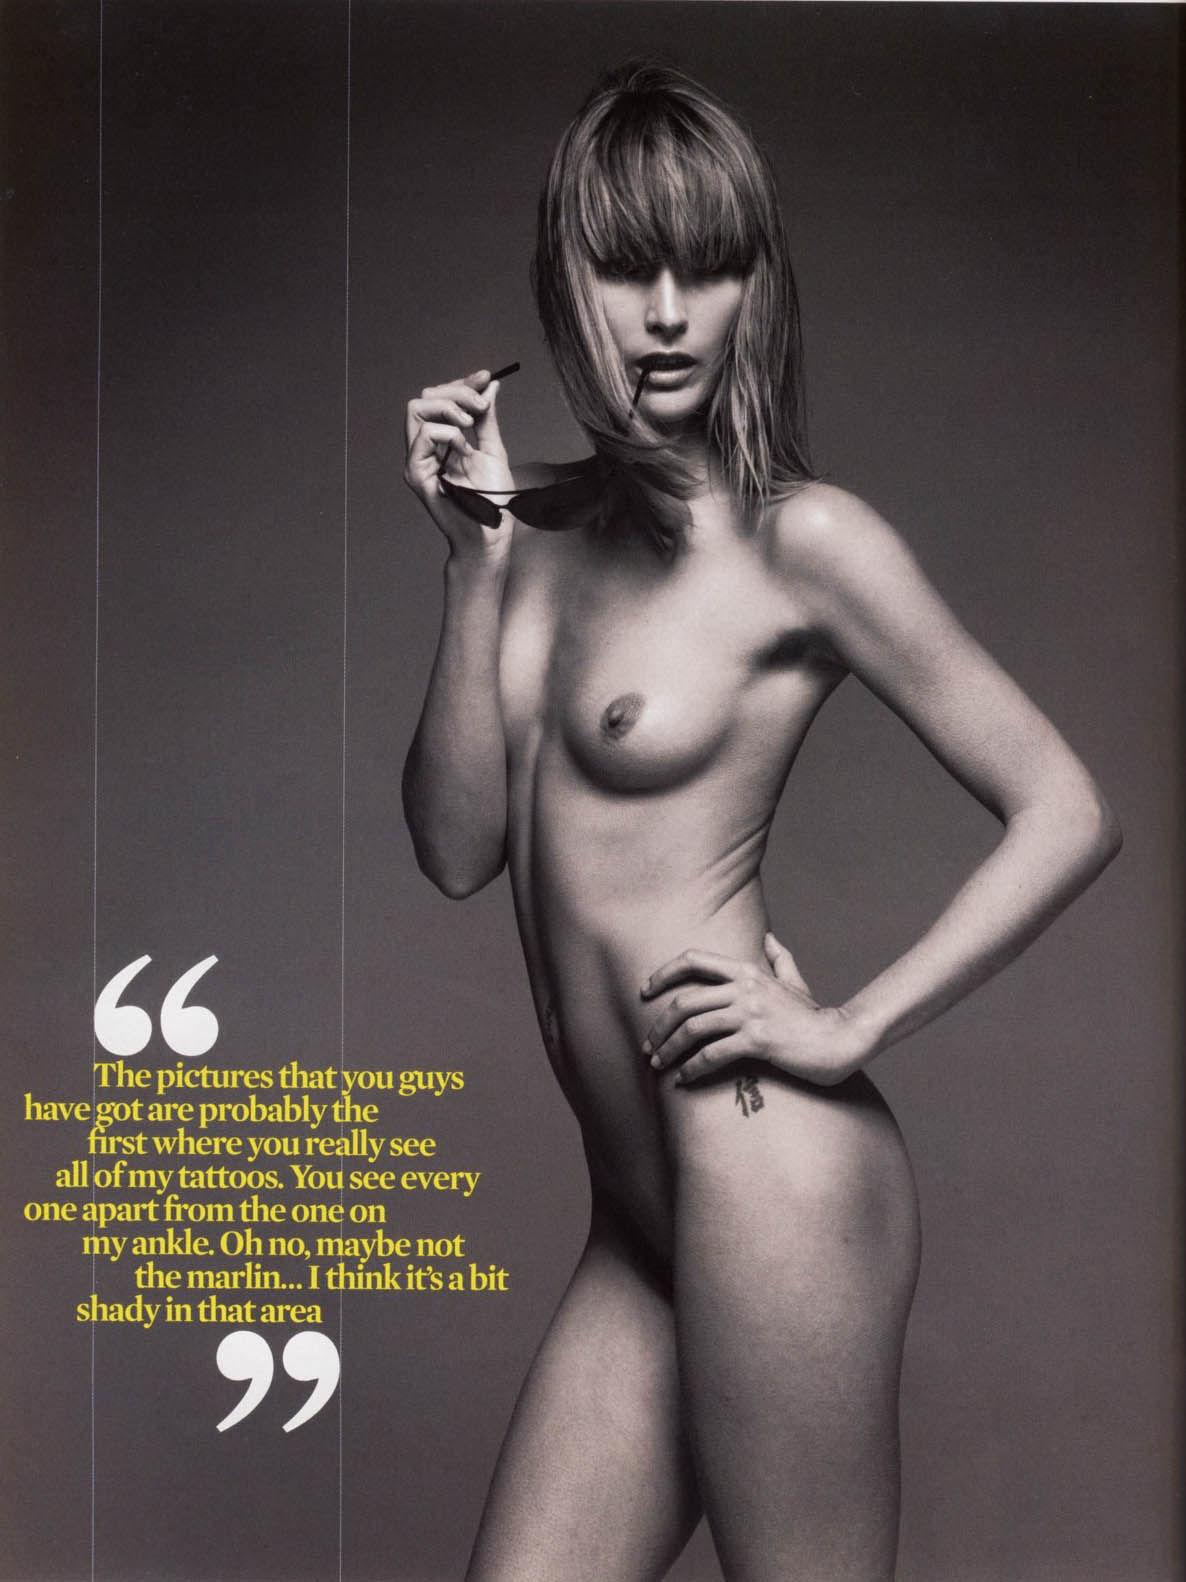 Danielle sapia nude